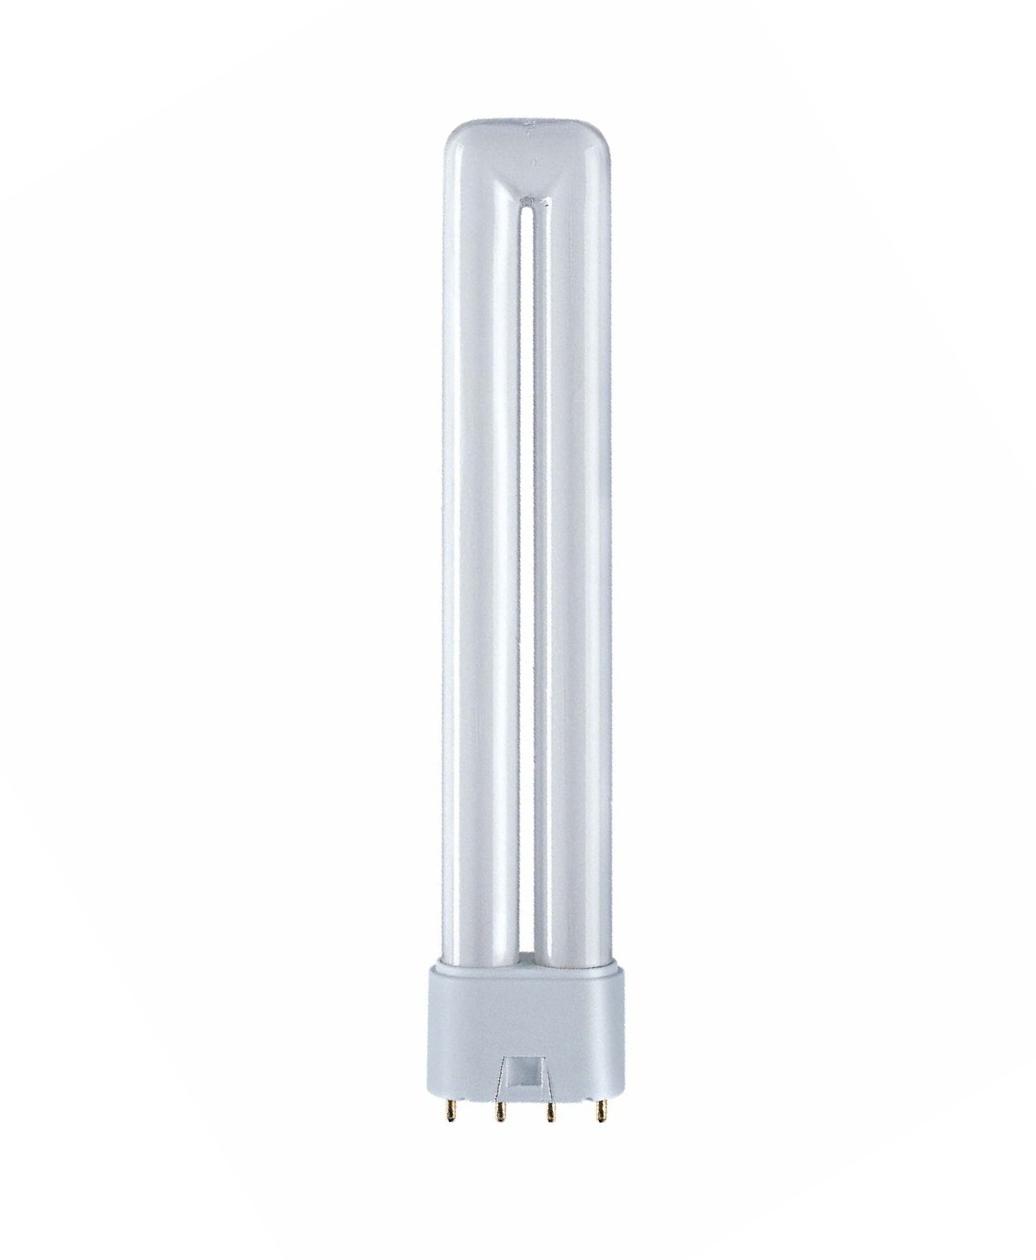 TC-L 36W/840 2G11, Kaltweiß, Kompaktleuchtstofflampe